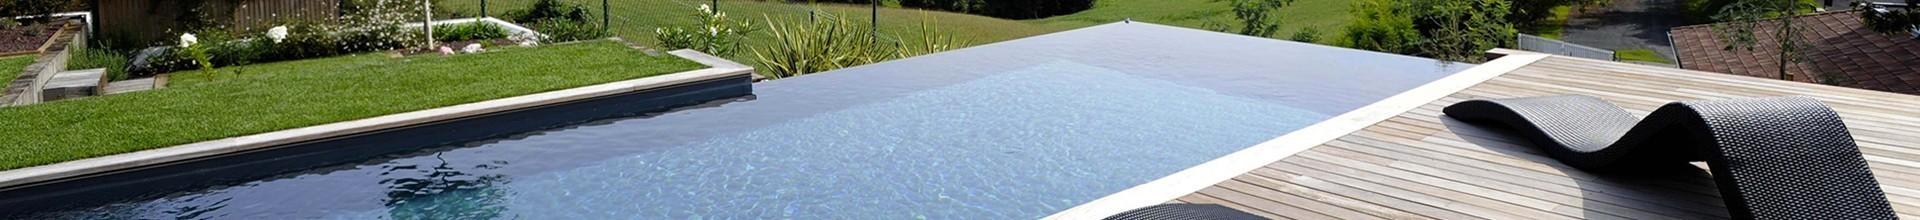 Bourgogne Cote-d-Or Constructeur d'une piscine révolutionnaire